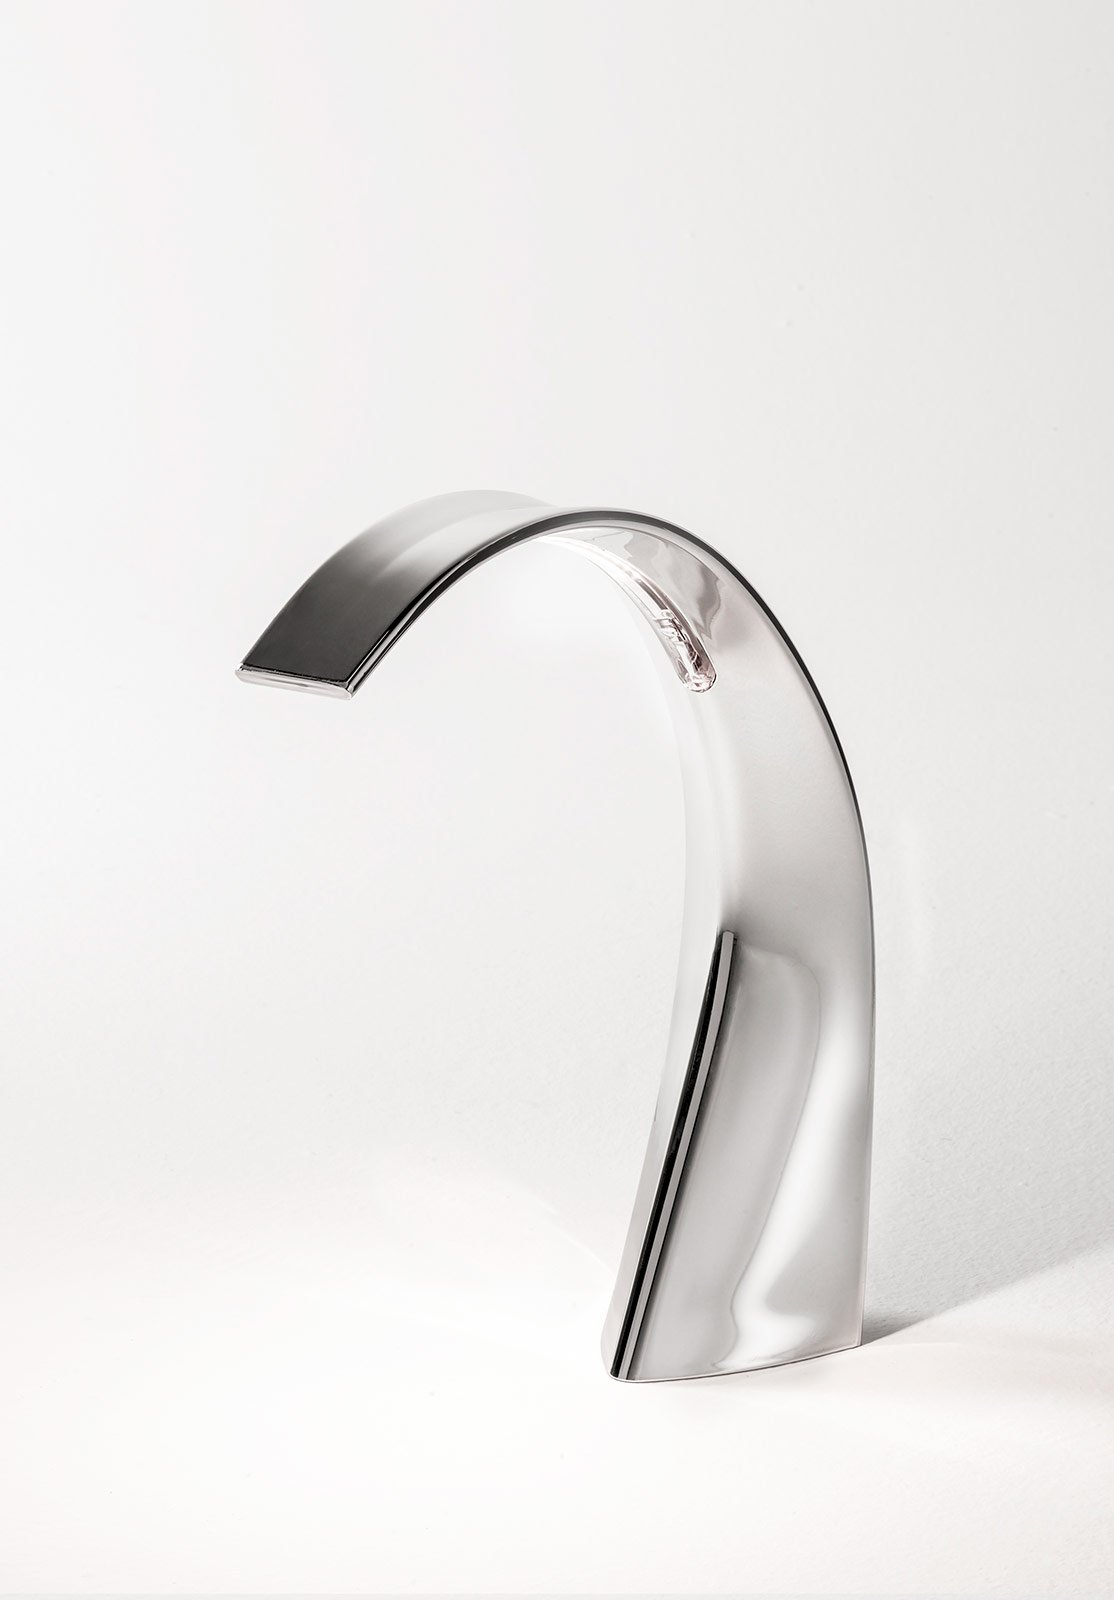 Lampade sculture luminose per il tavolo cose di casa for Lampade piccole da tavolo